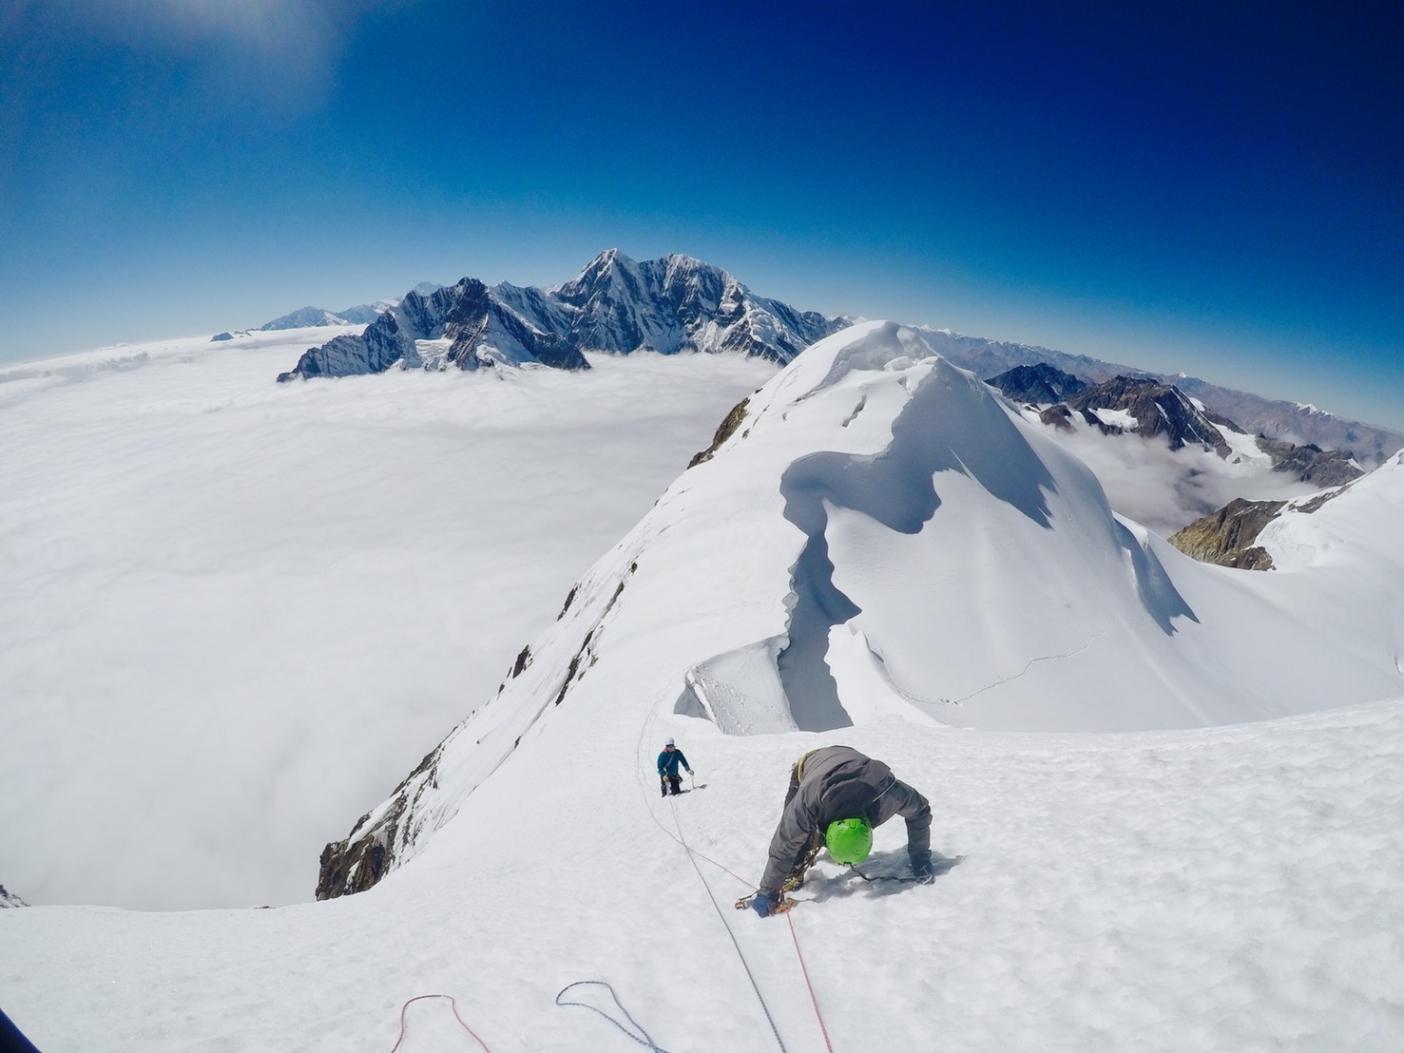 右手に2,000m切れ落ちた崖に落ちぬよう着実に高度を稼ぐ萩原鼓十郎。写真:鈴木雄大